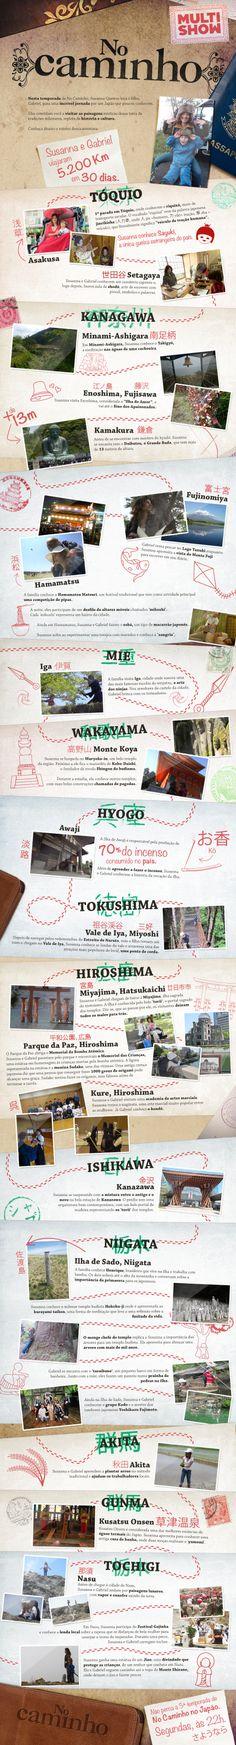 Infográfico criado para a divulgação online da nova temporada do programa No Caminho, com algumas informações relevantes sobre  os principais destinos que seriam visitados.